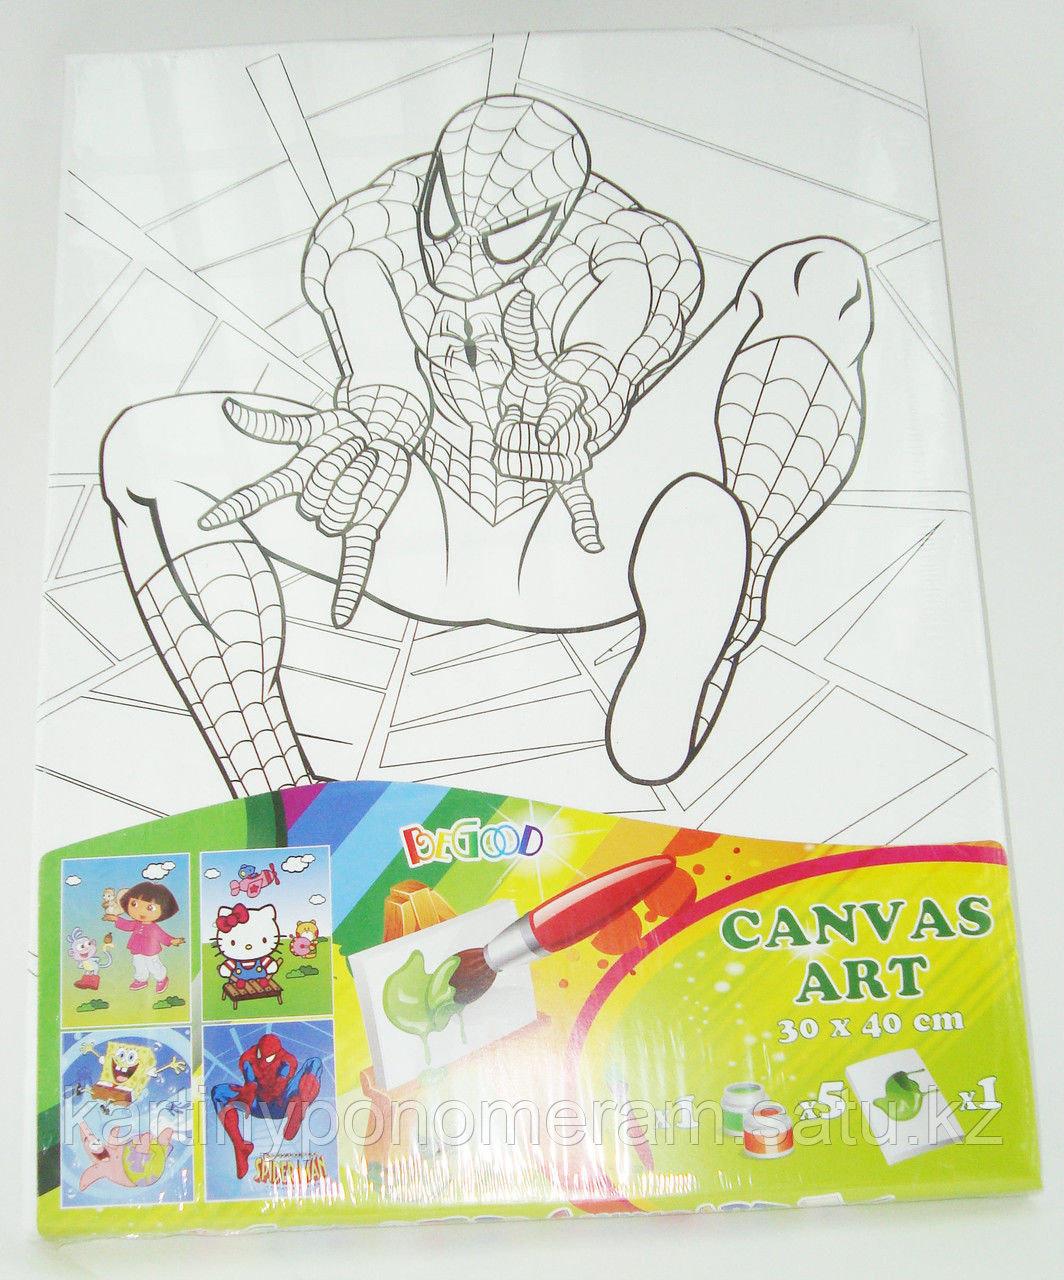 Картины-раскраски для детей Алматы, Спайдермэн 30x40